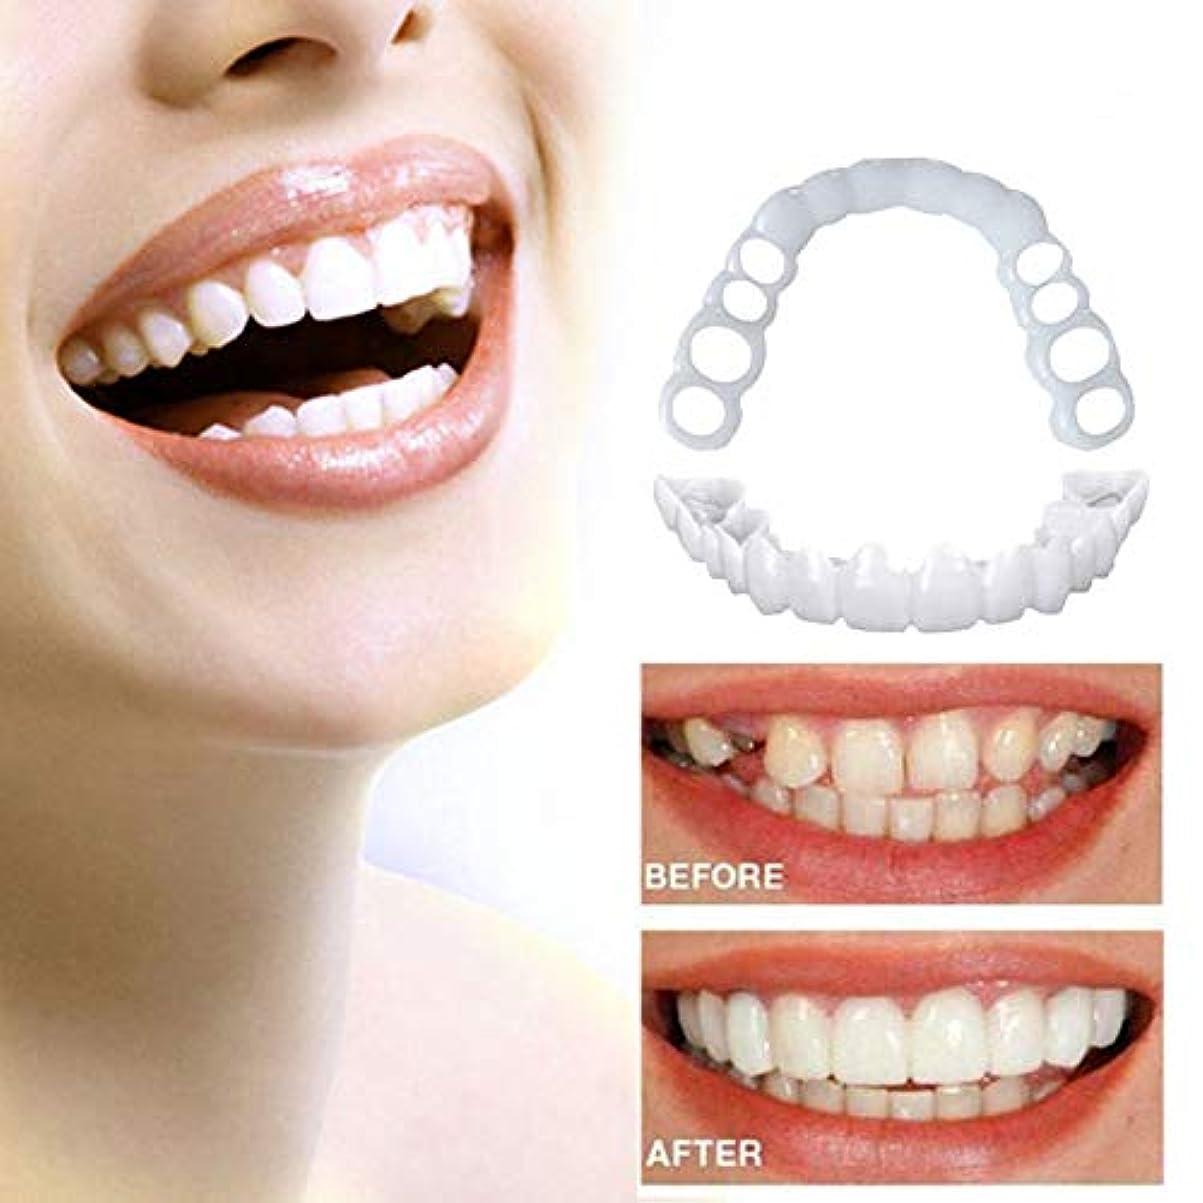 杖一時停止調整する素朴な義歯入れ歯ホワイトニングインスタントパーフェクトスマイルトップとボトム快適なスナップオンフェイクトゥースカバー模擬歯男性用女性(2本)